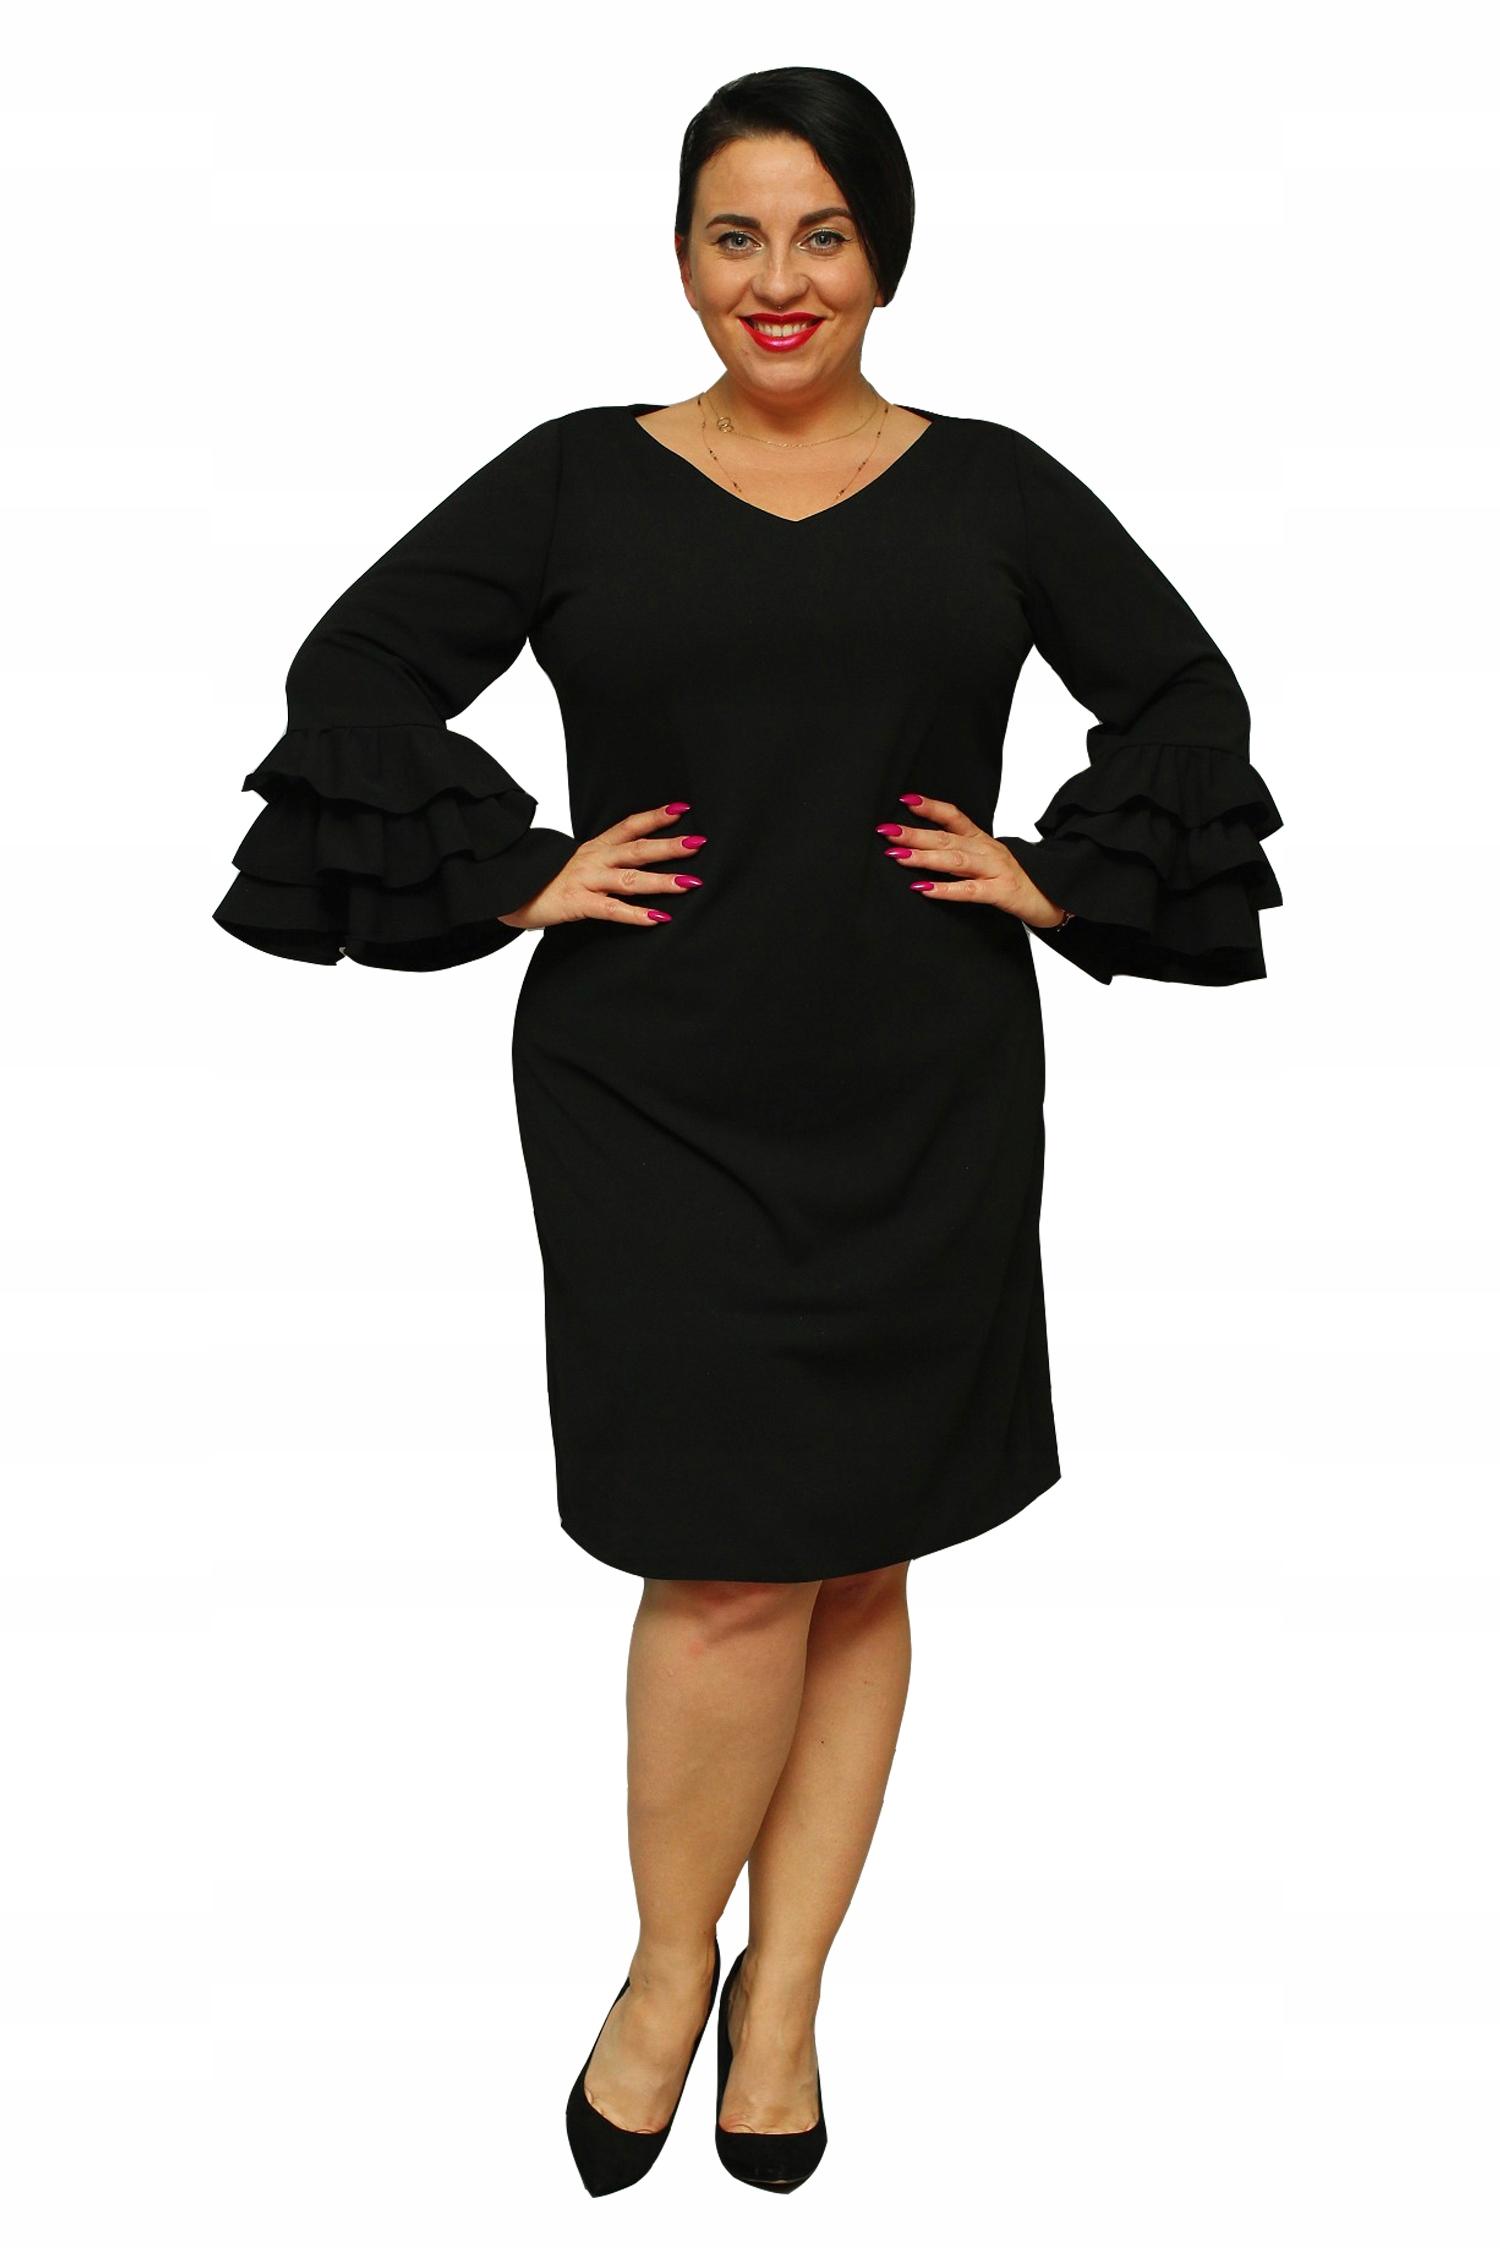 Sukienka KLAUDIA elegancka flamenco czarna 46 8114998965